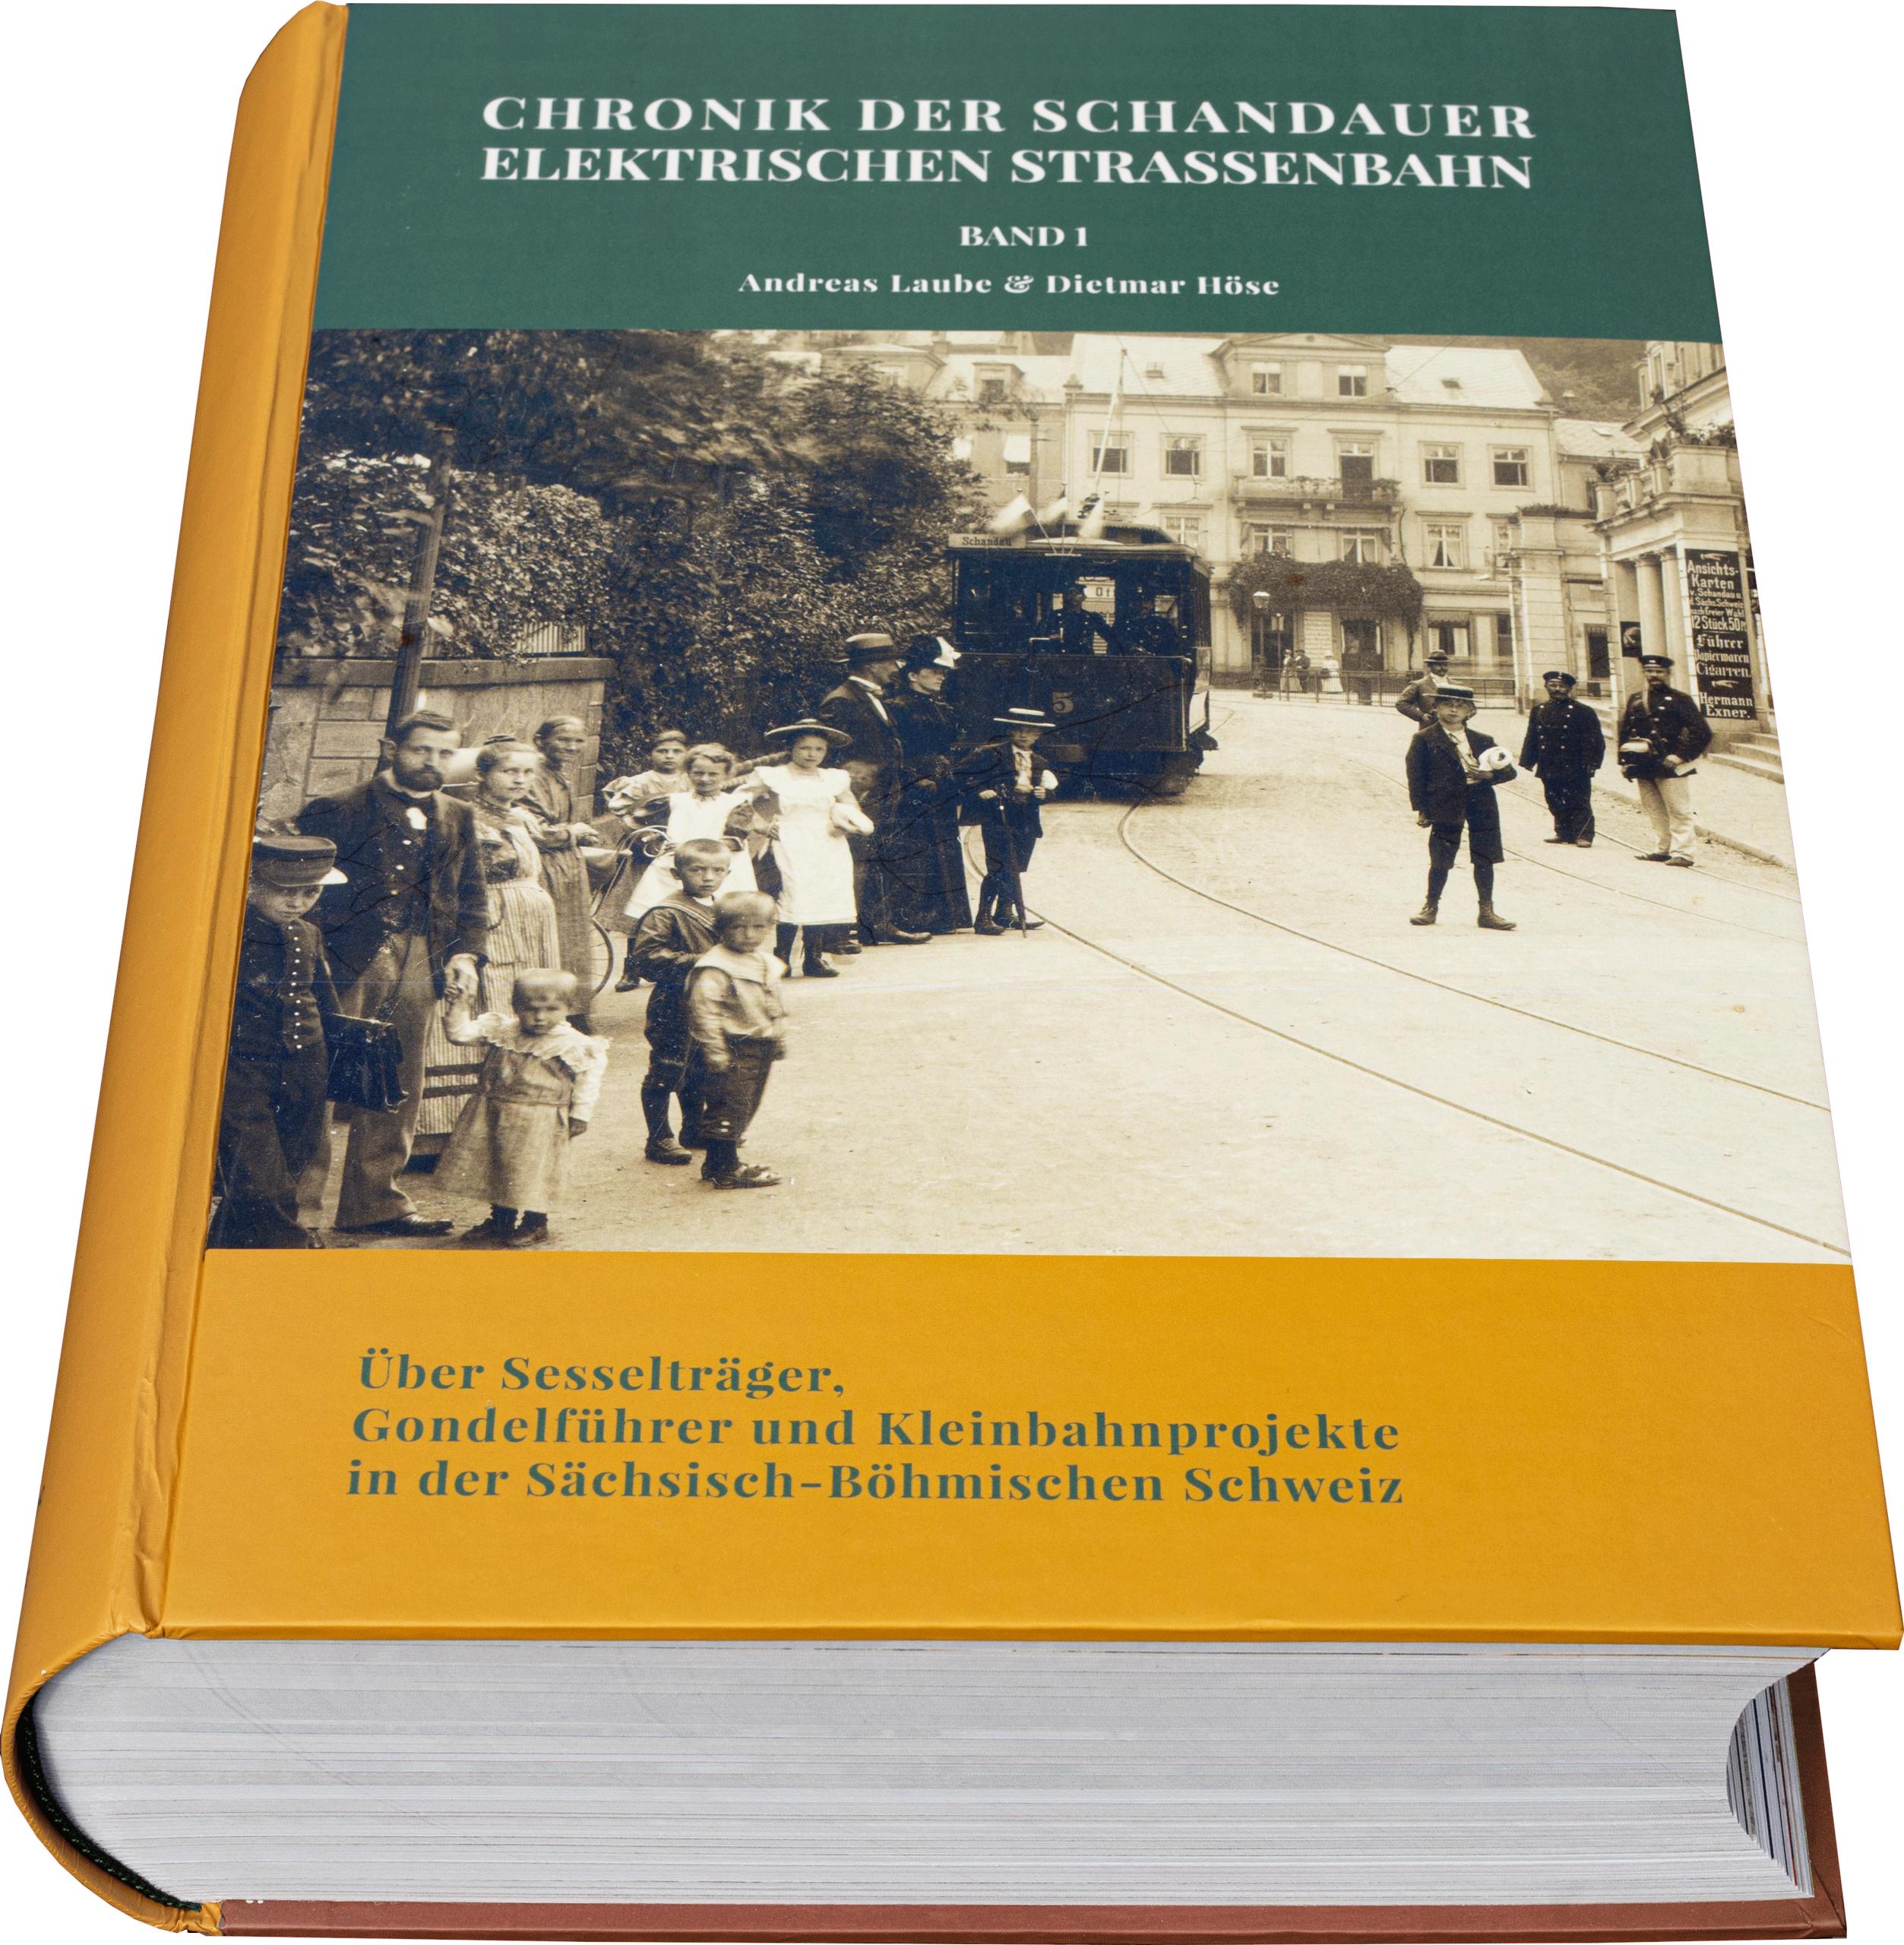 Chronik der Schandauer Elektrischen Straßenbahn Band 1 / 20200308144534